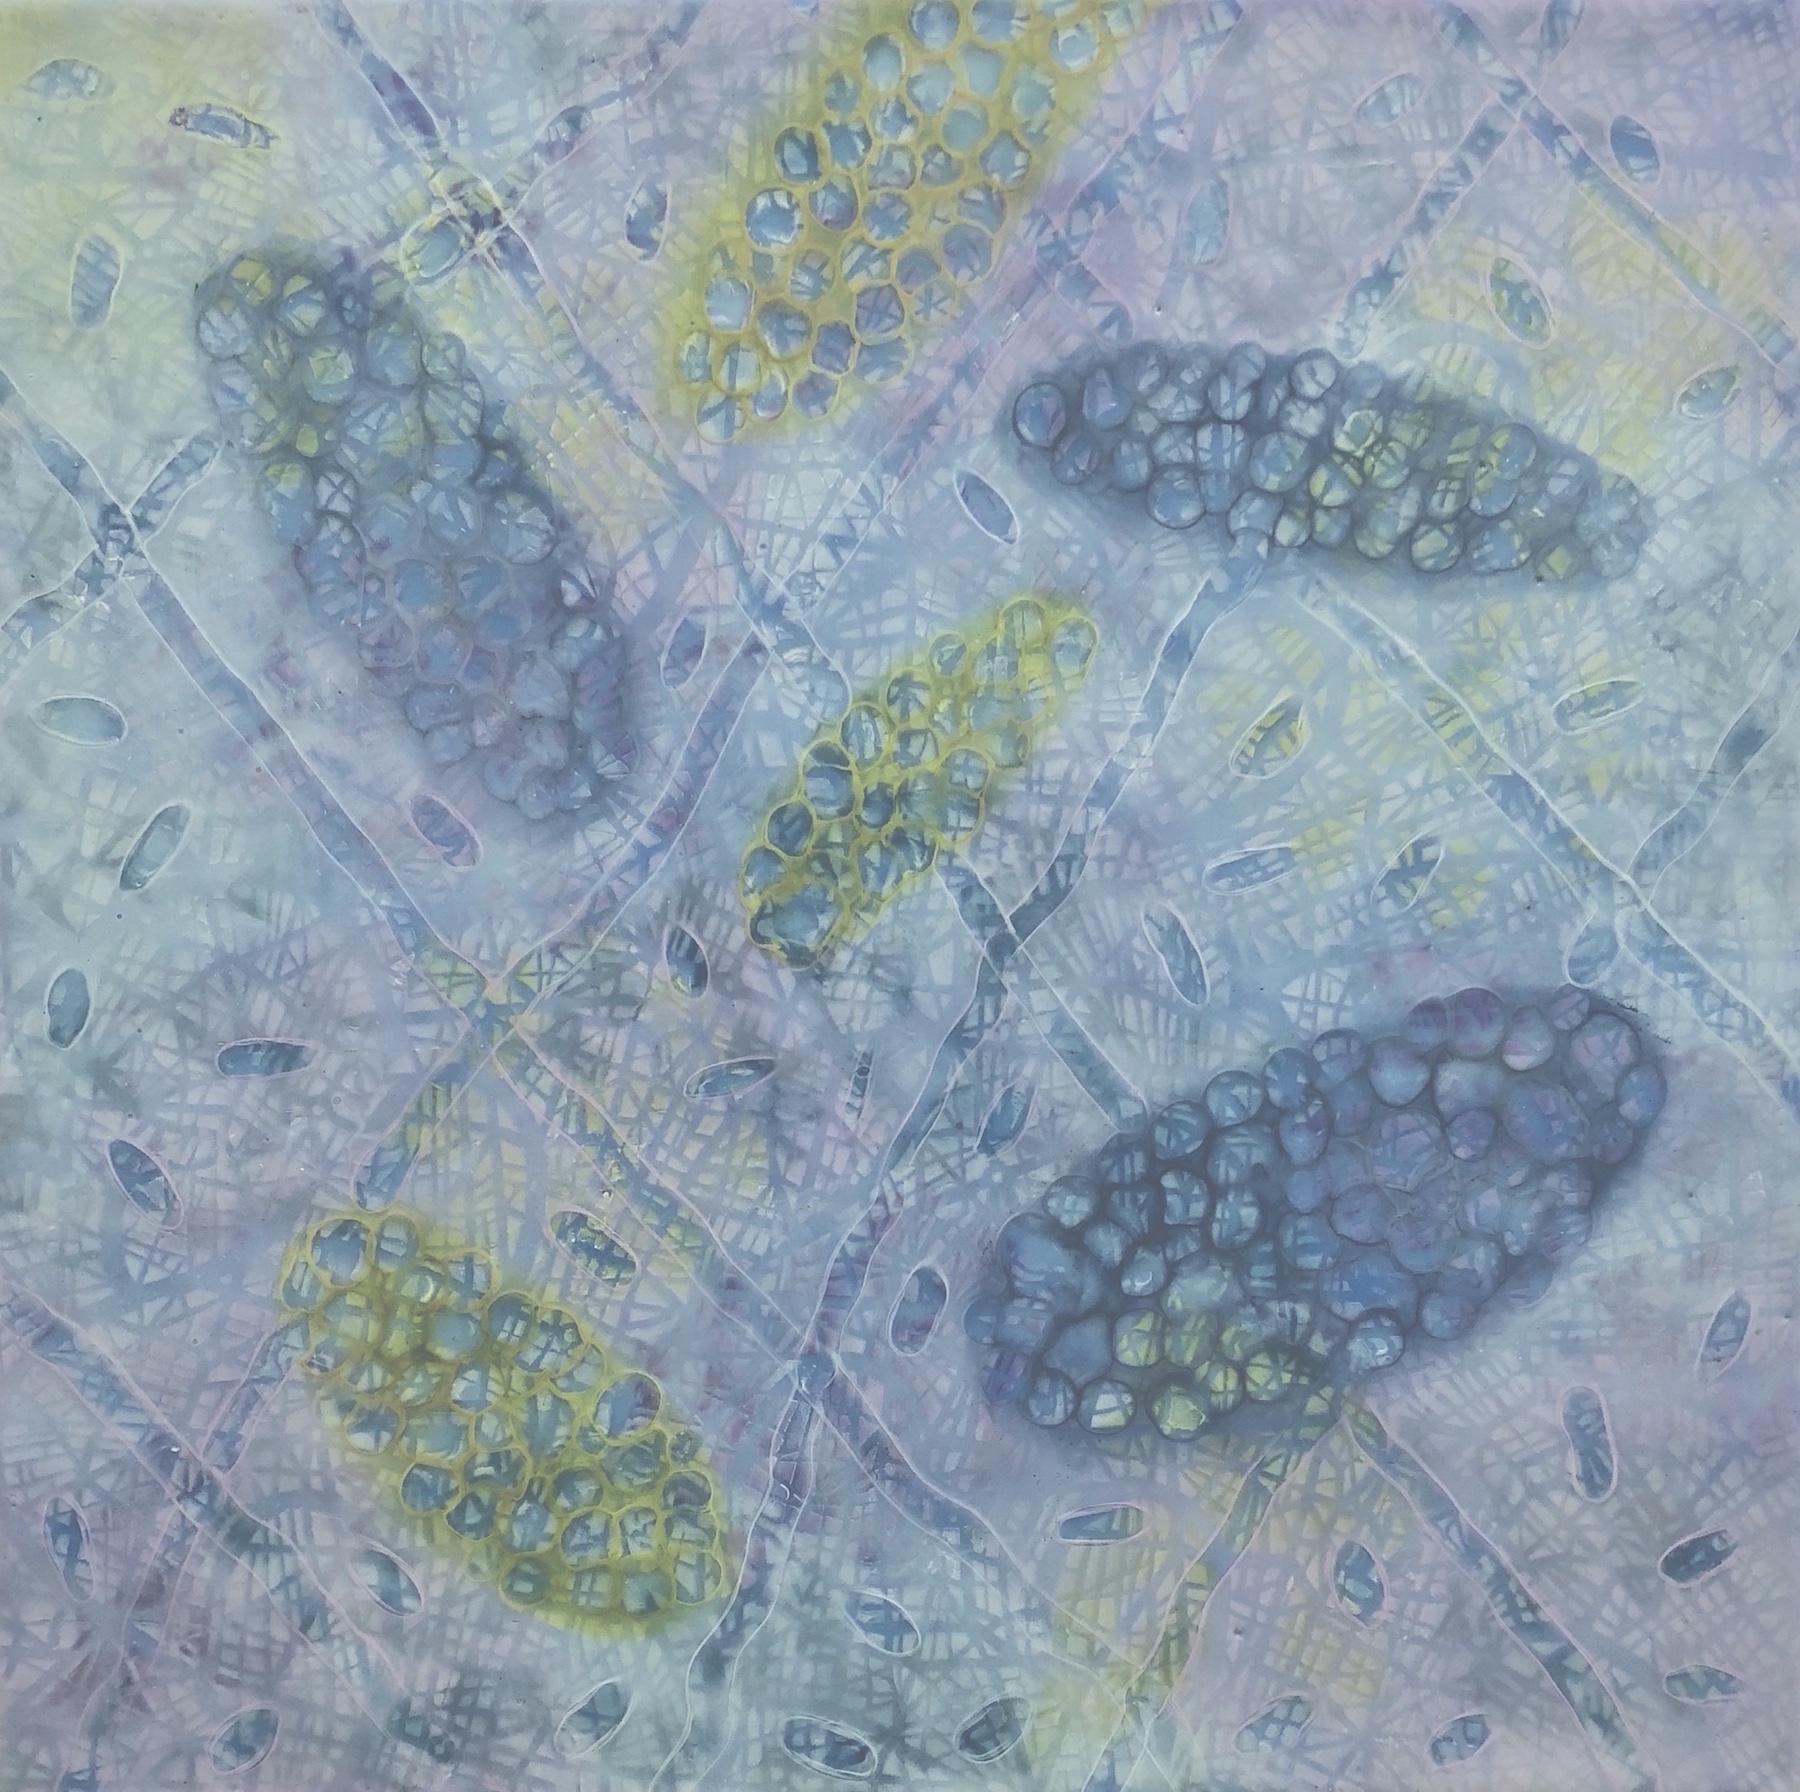 Hartung,  Bio Patterns 8 , Encaustic, pastel, 20x20